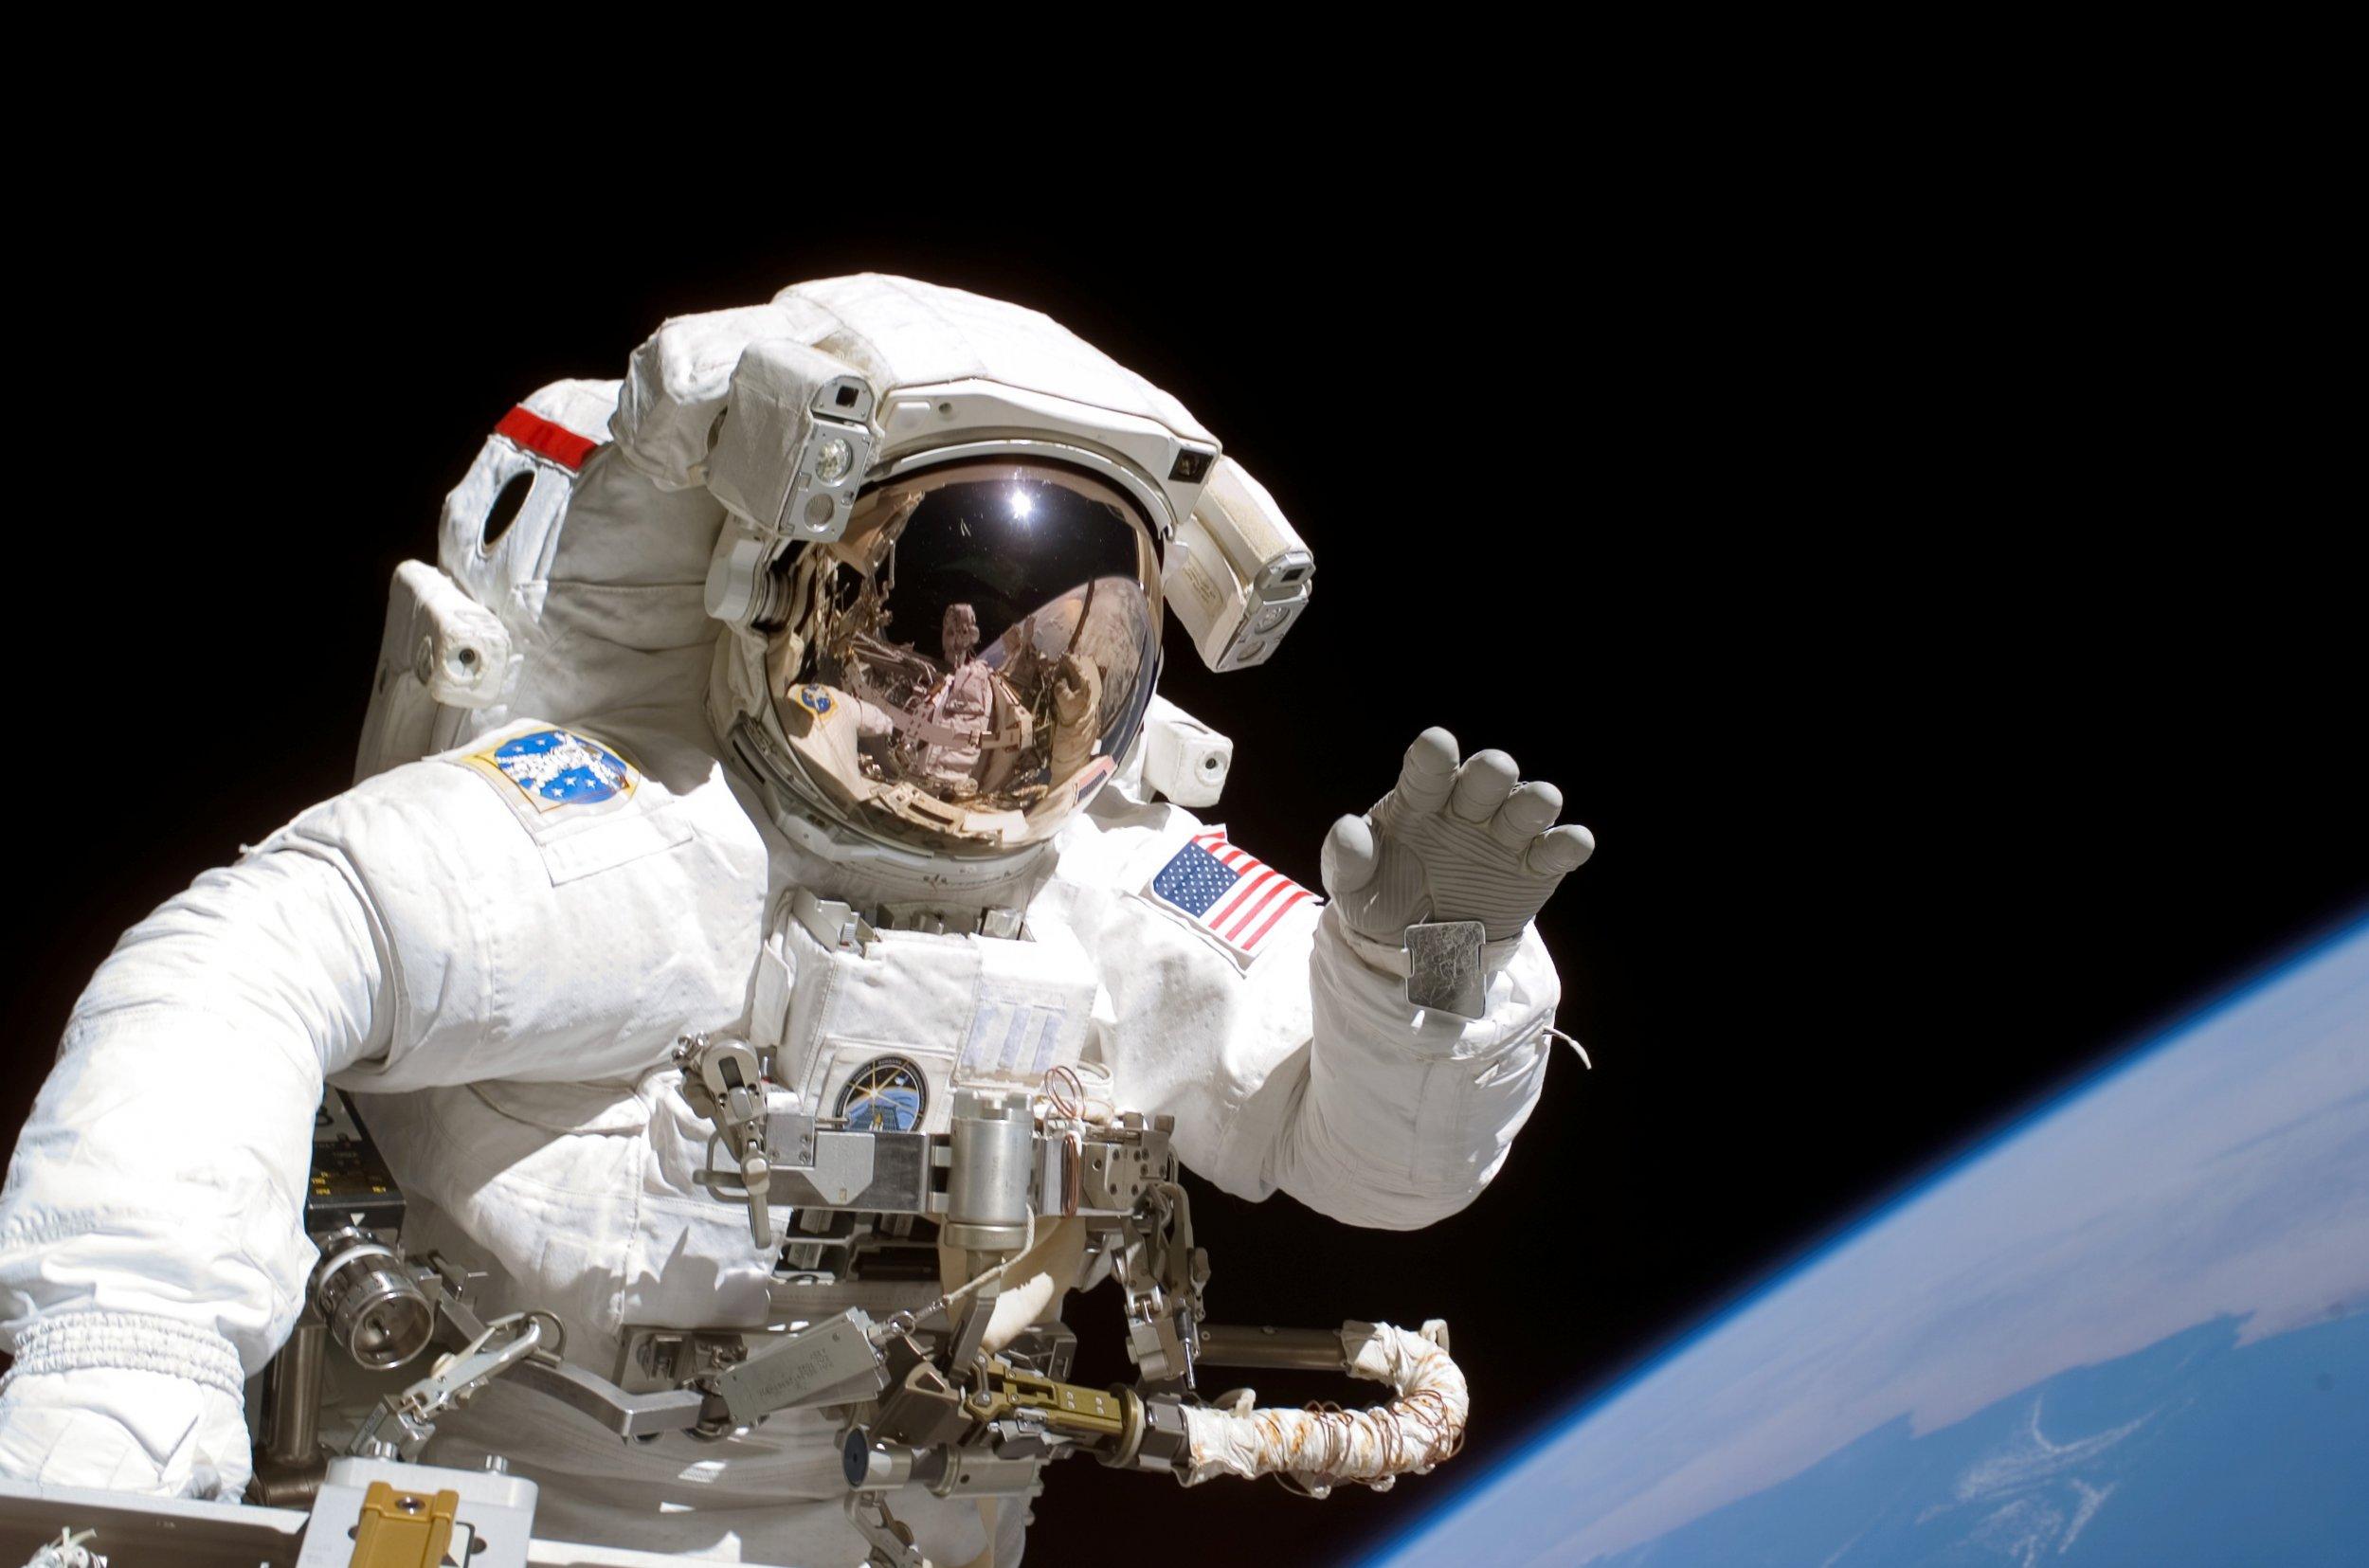 astronaut Joseph Tanner International Space Station, September